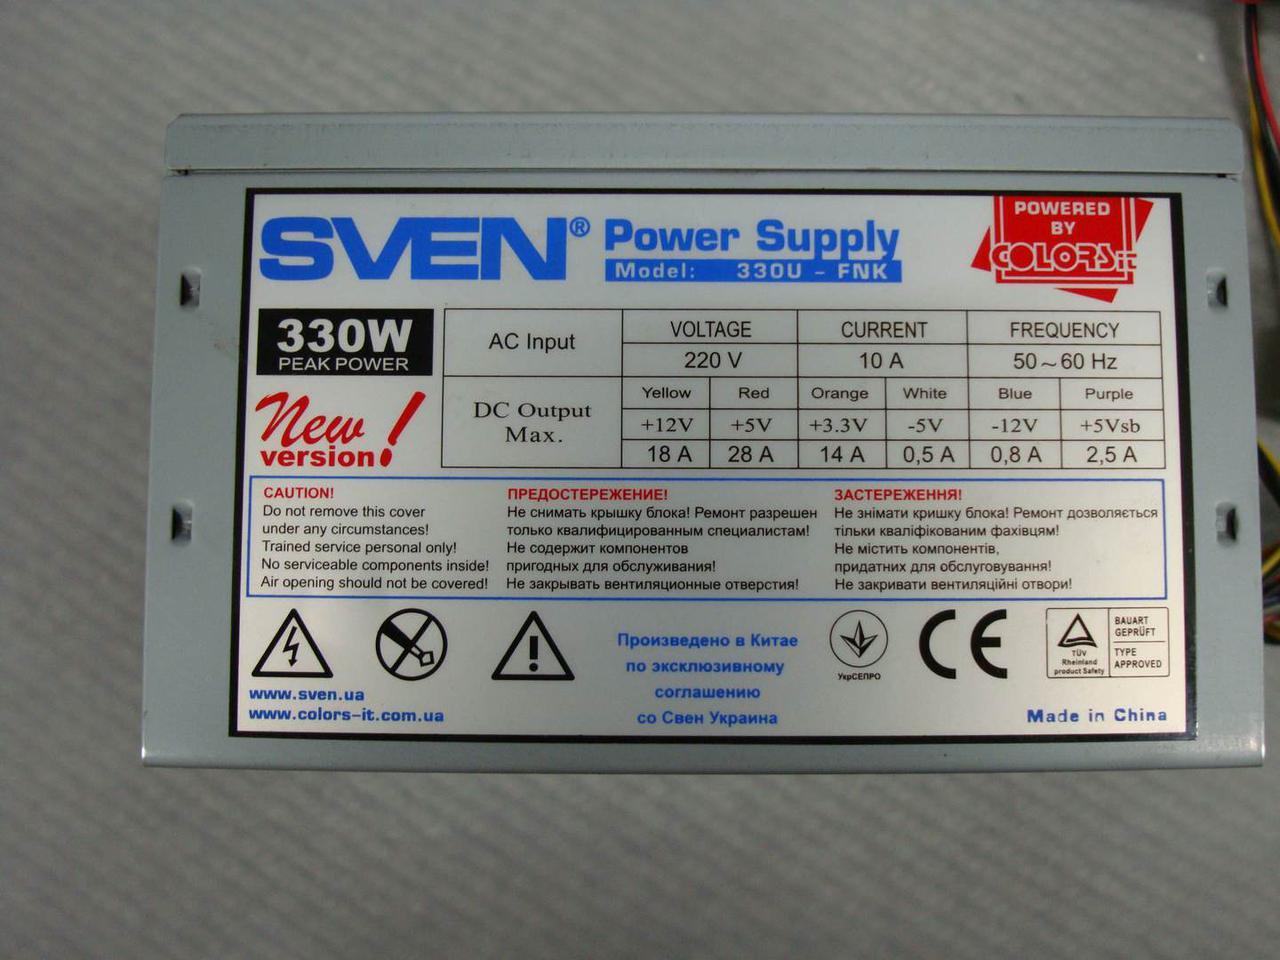 Блок питания Sven 330U-FNK 330W